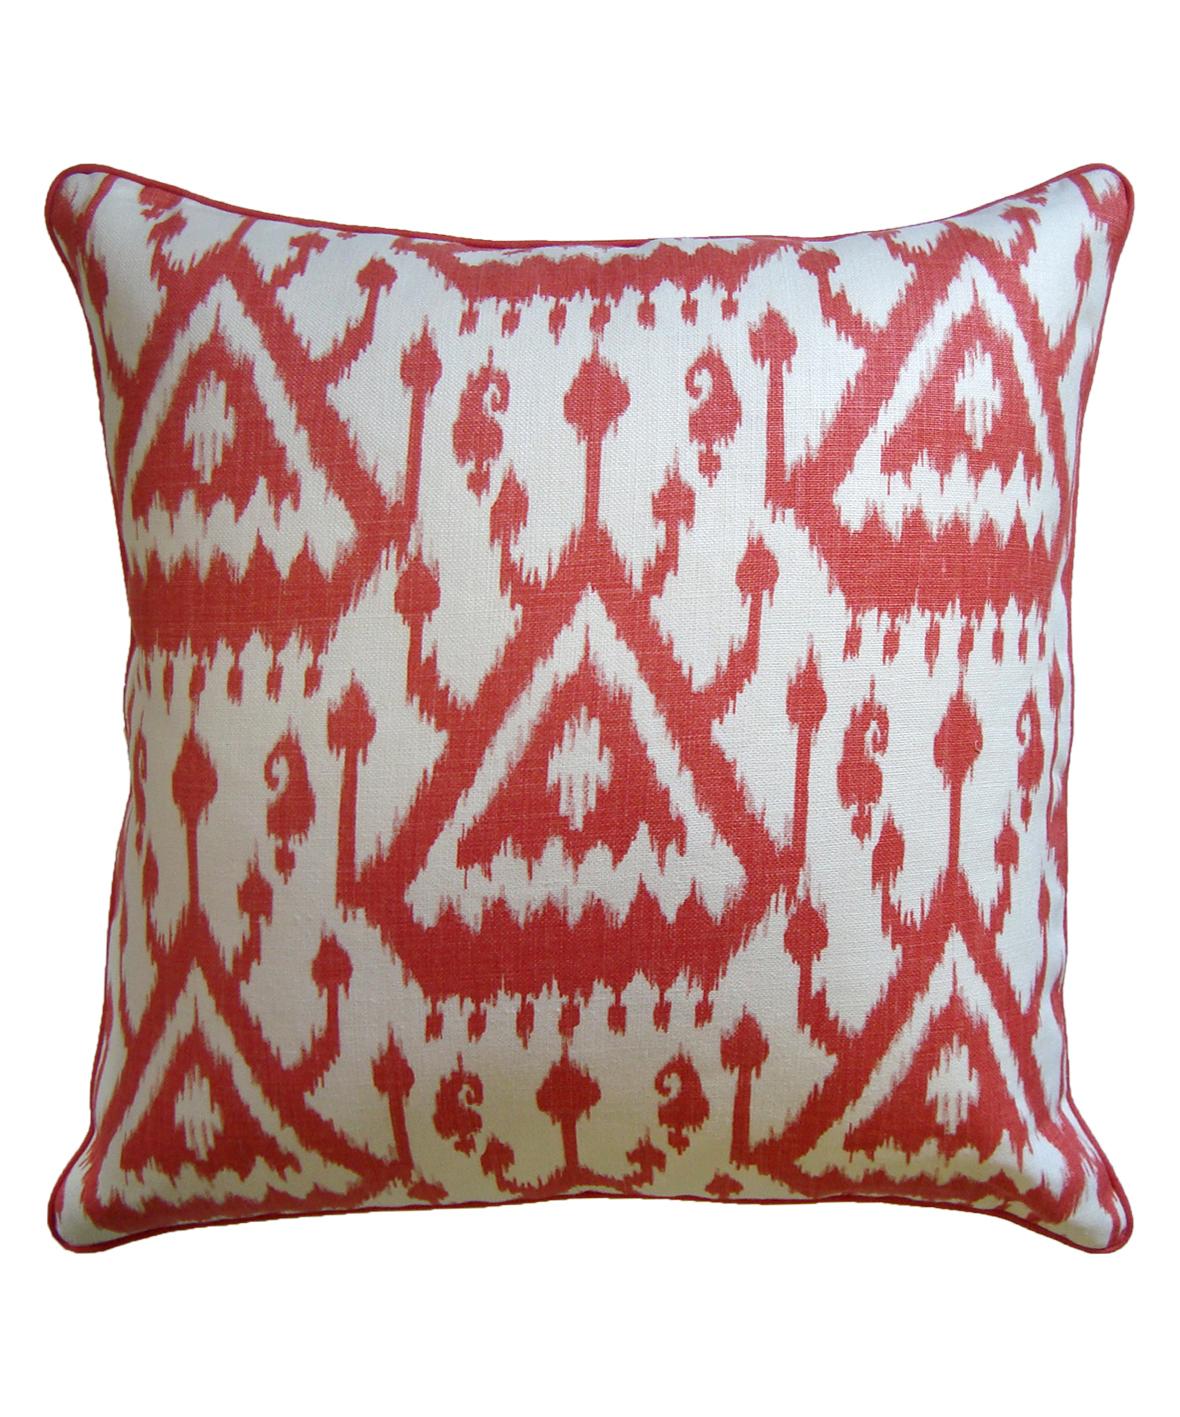 Coral Ikat Pillow